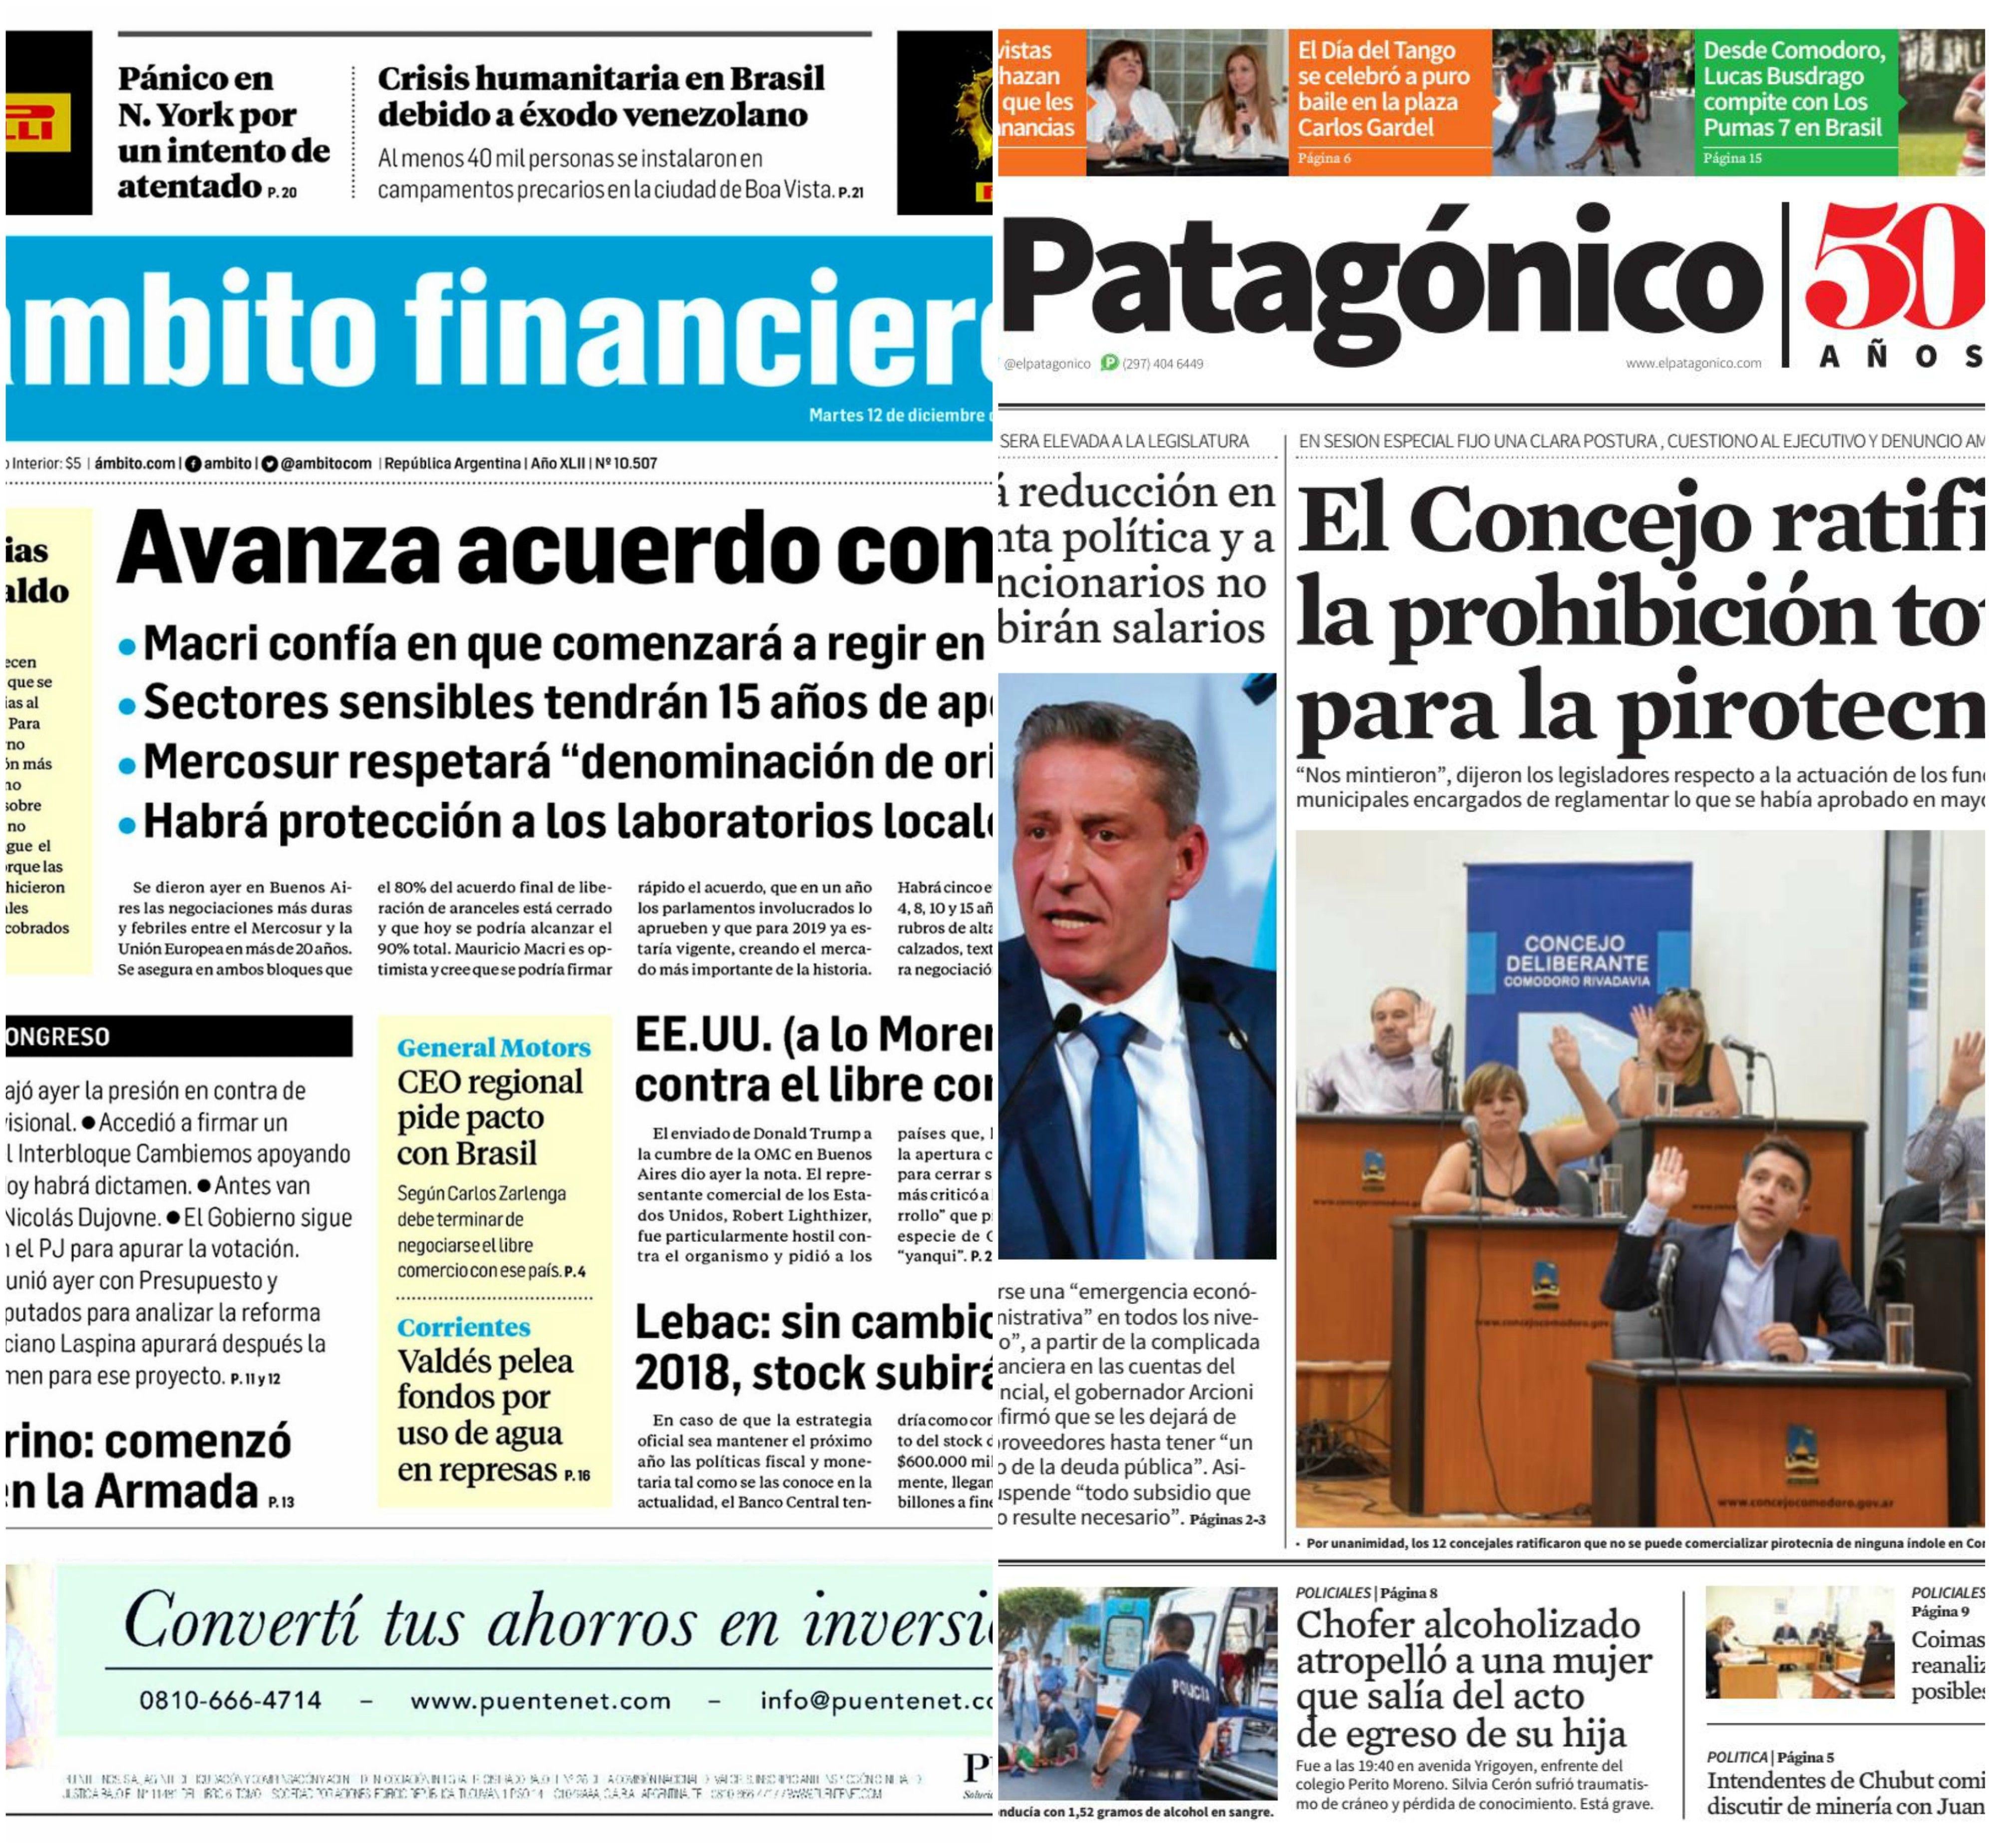 Tapas de diarios del martes 12 de diciembre de 2017